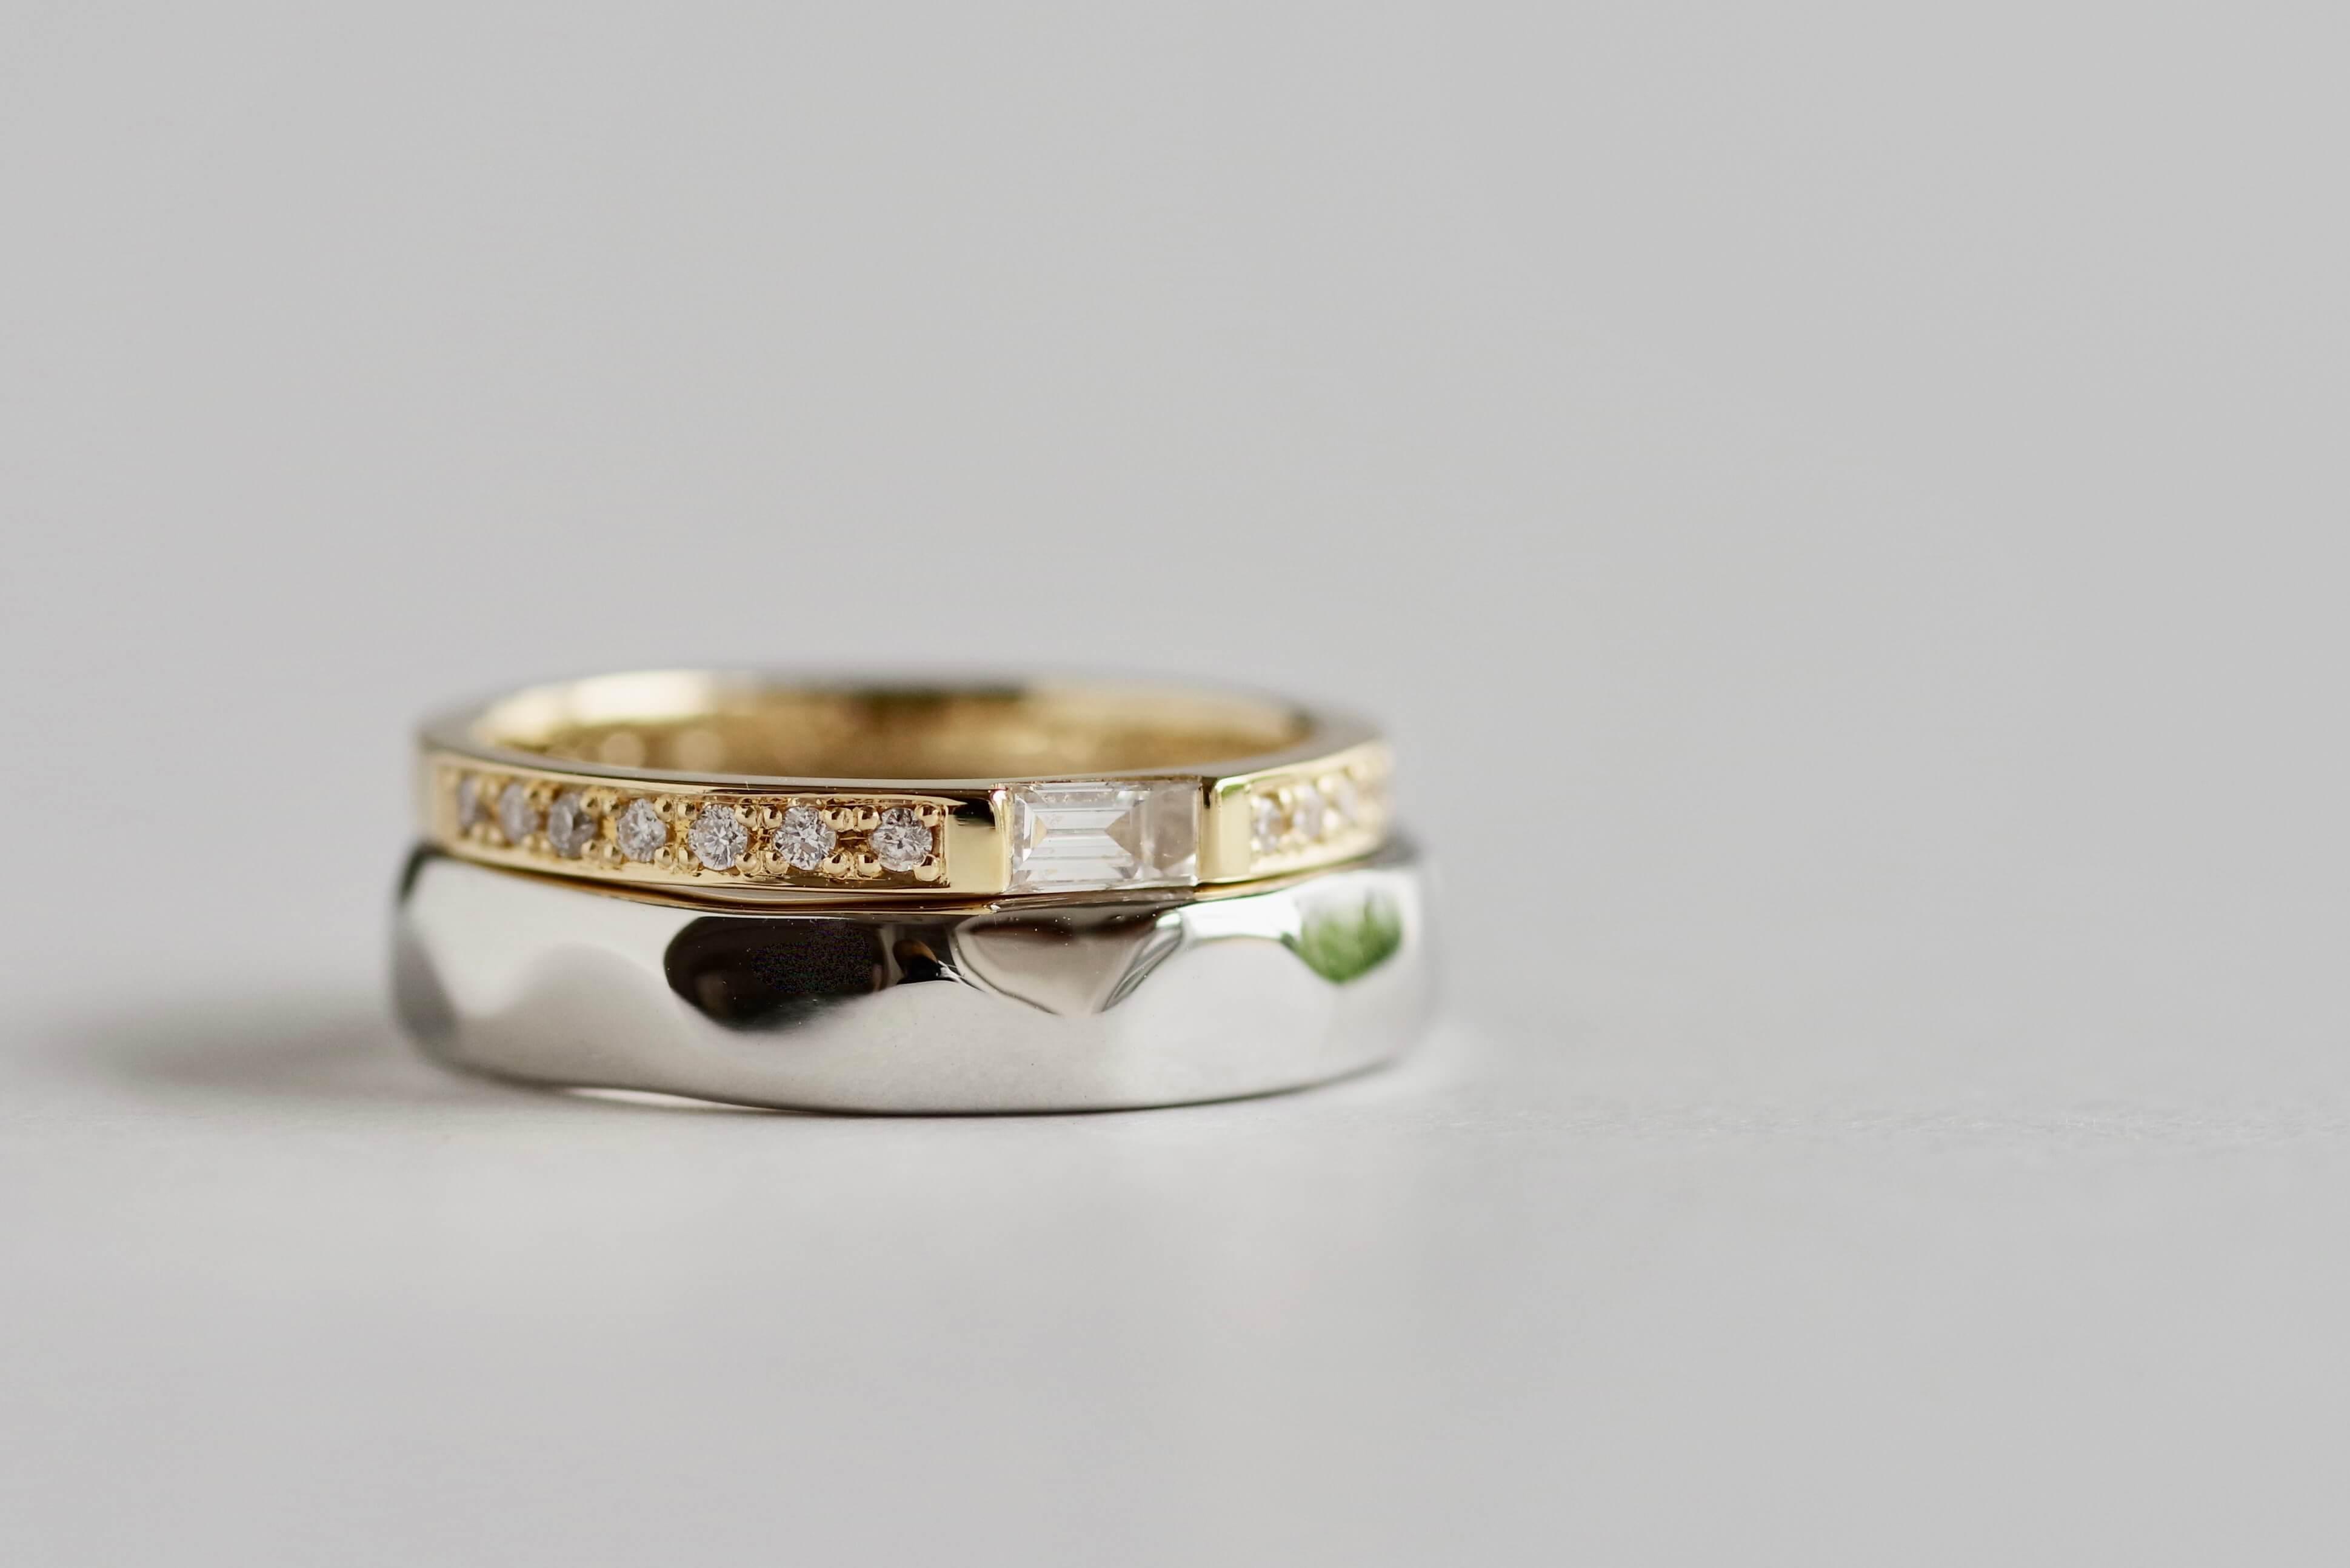 結婚指輪 オーダーメイド バゲットカットダイヤ